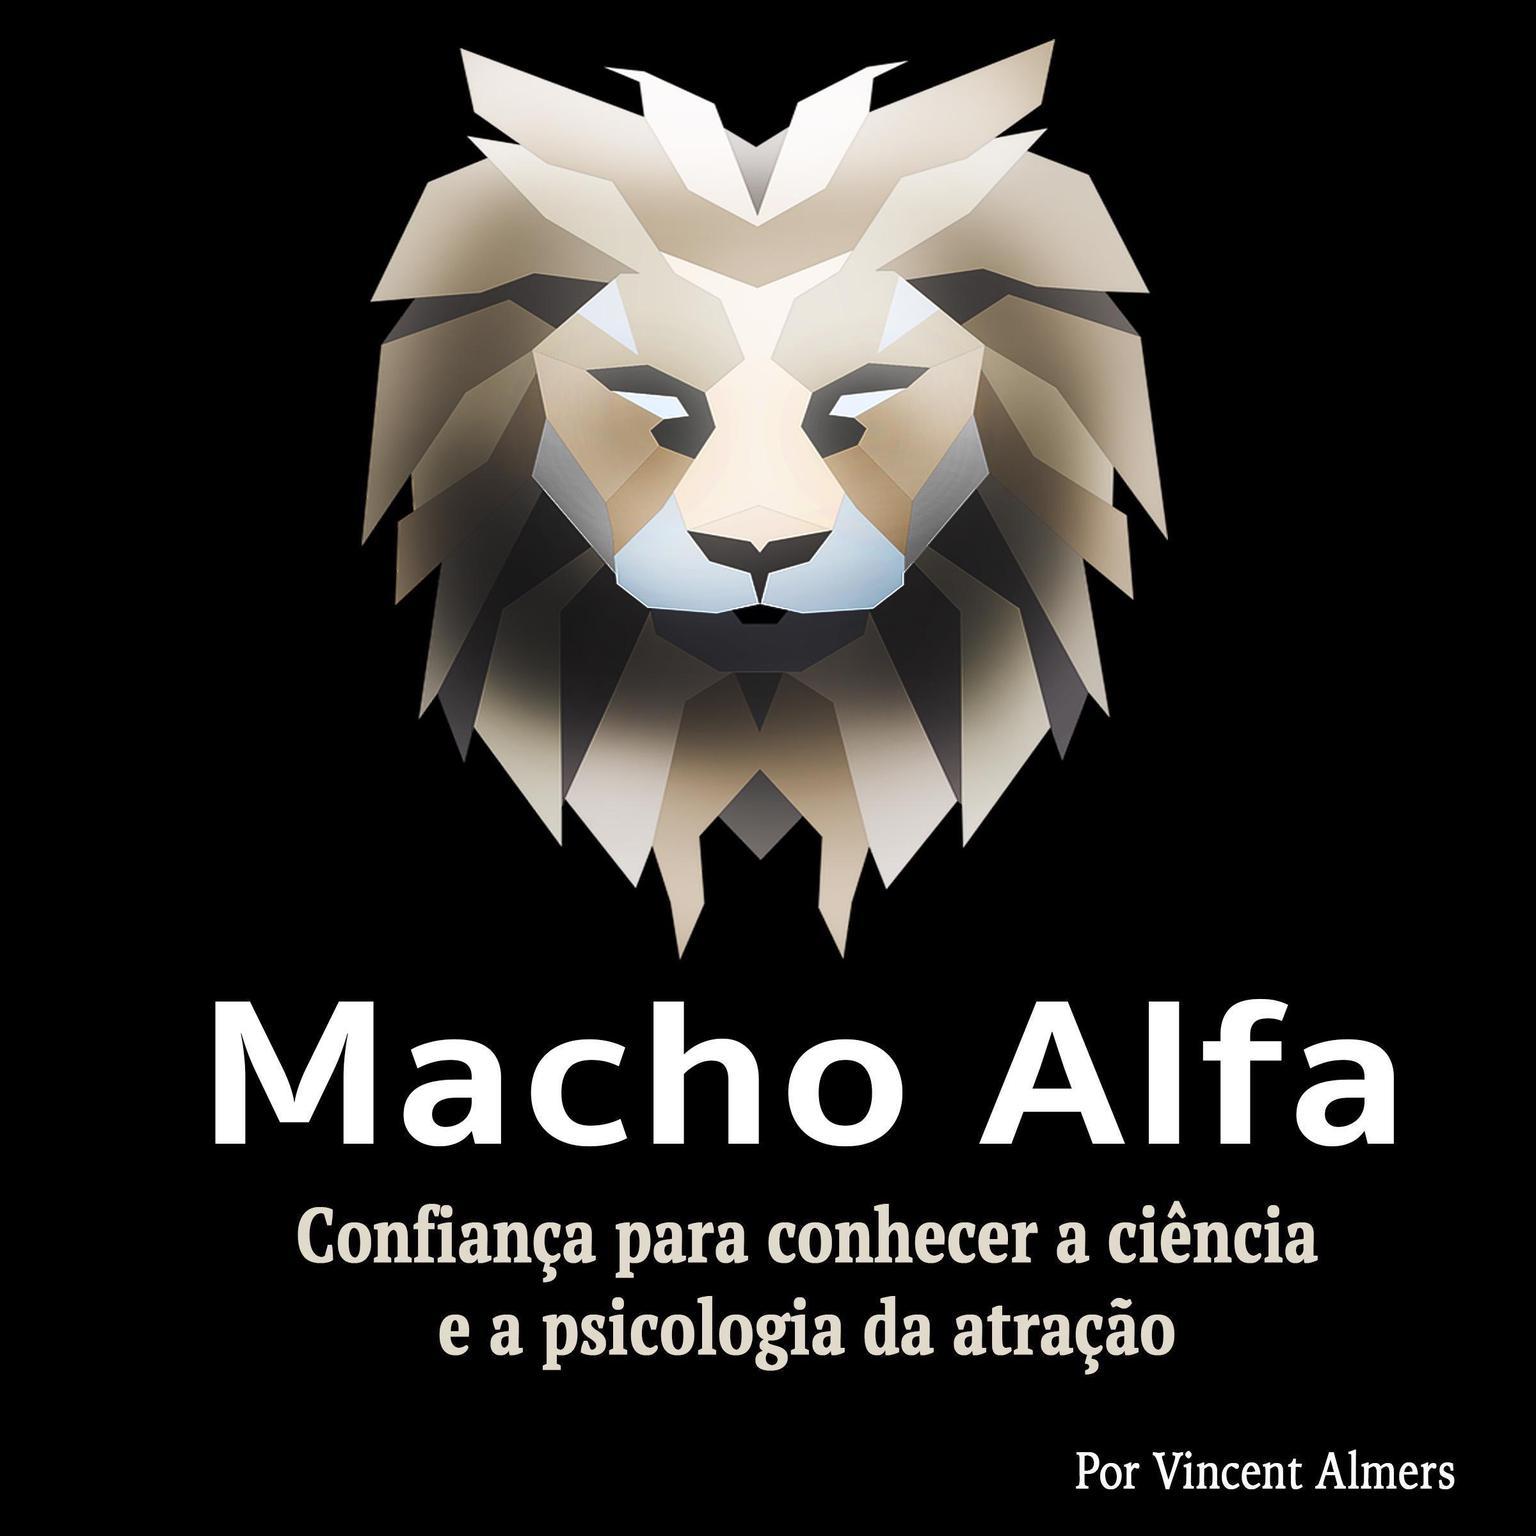 Macho alfa: Confiança para conhecer a ciência e a psicologia da atração (Portuguese Edition) Audiobook, by Vincent Almers